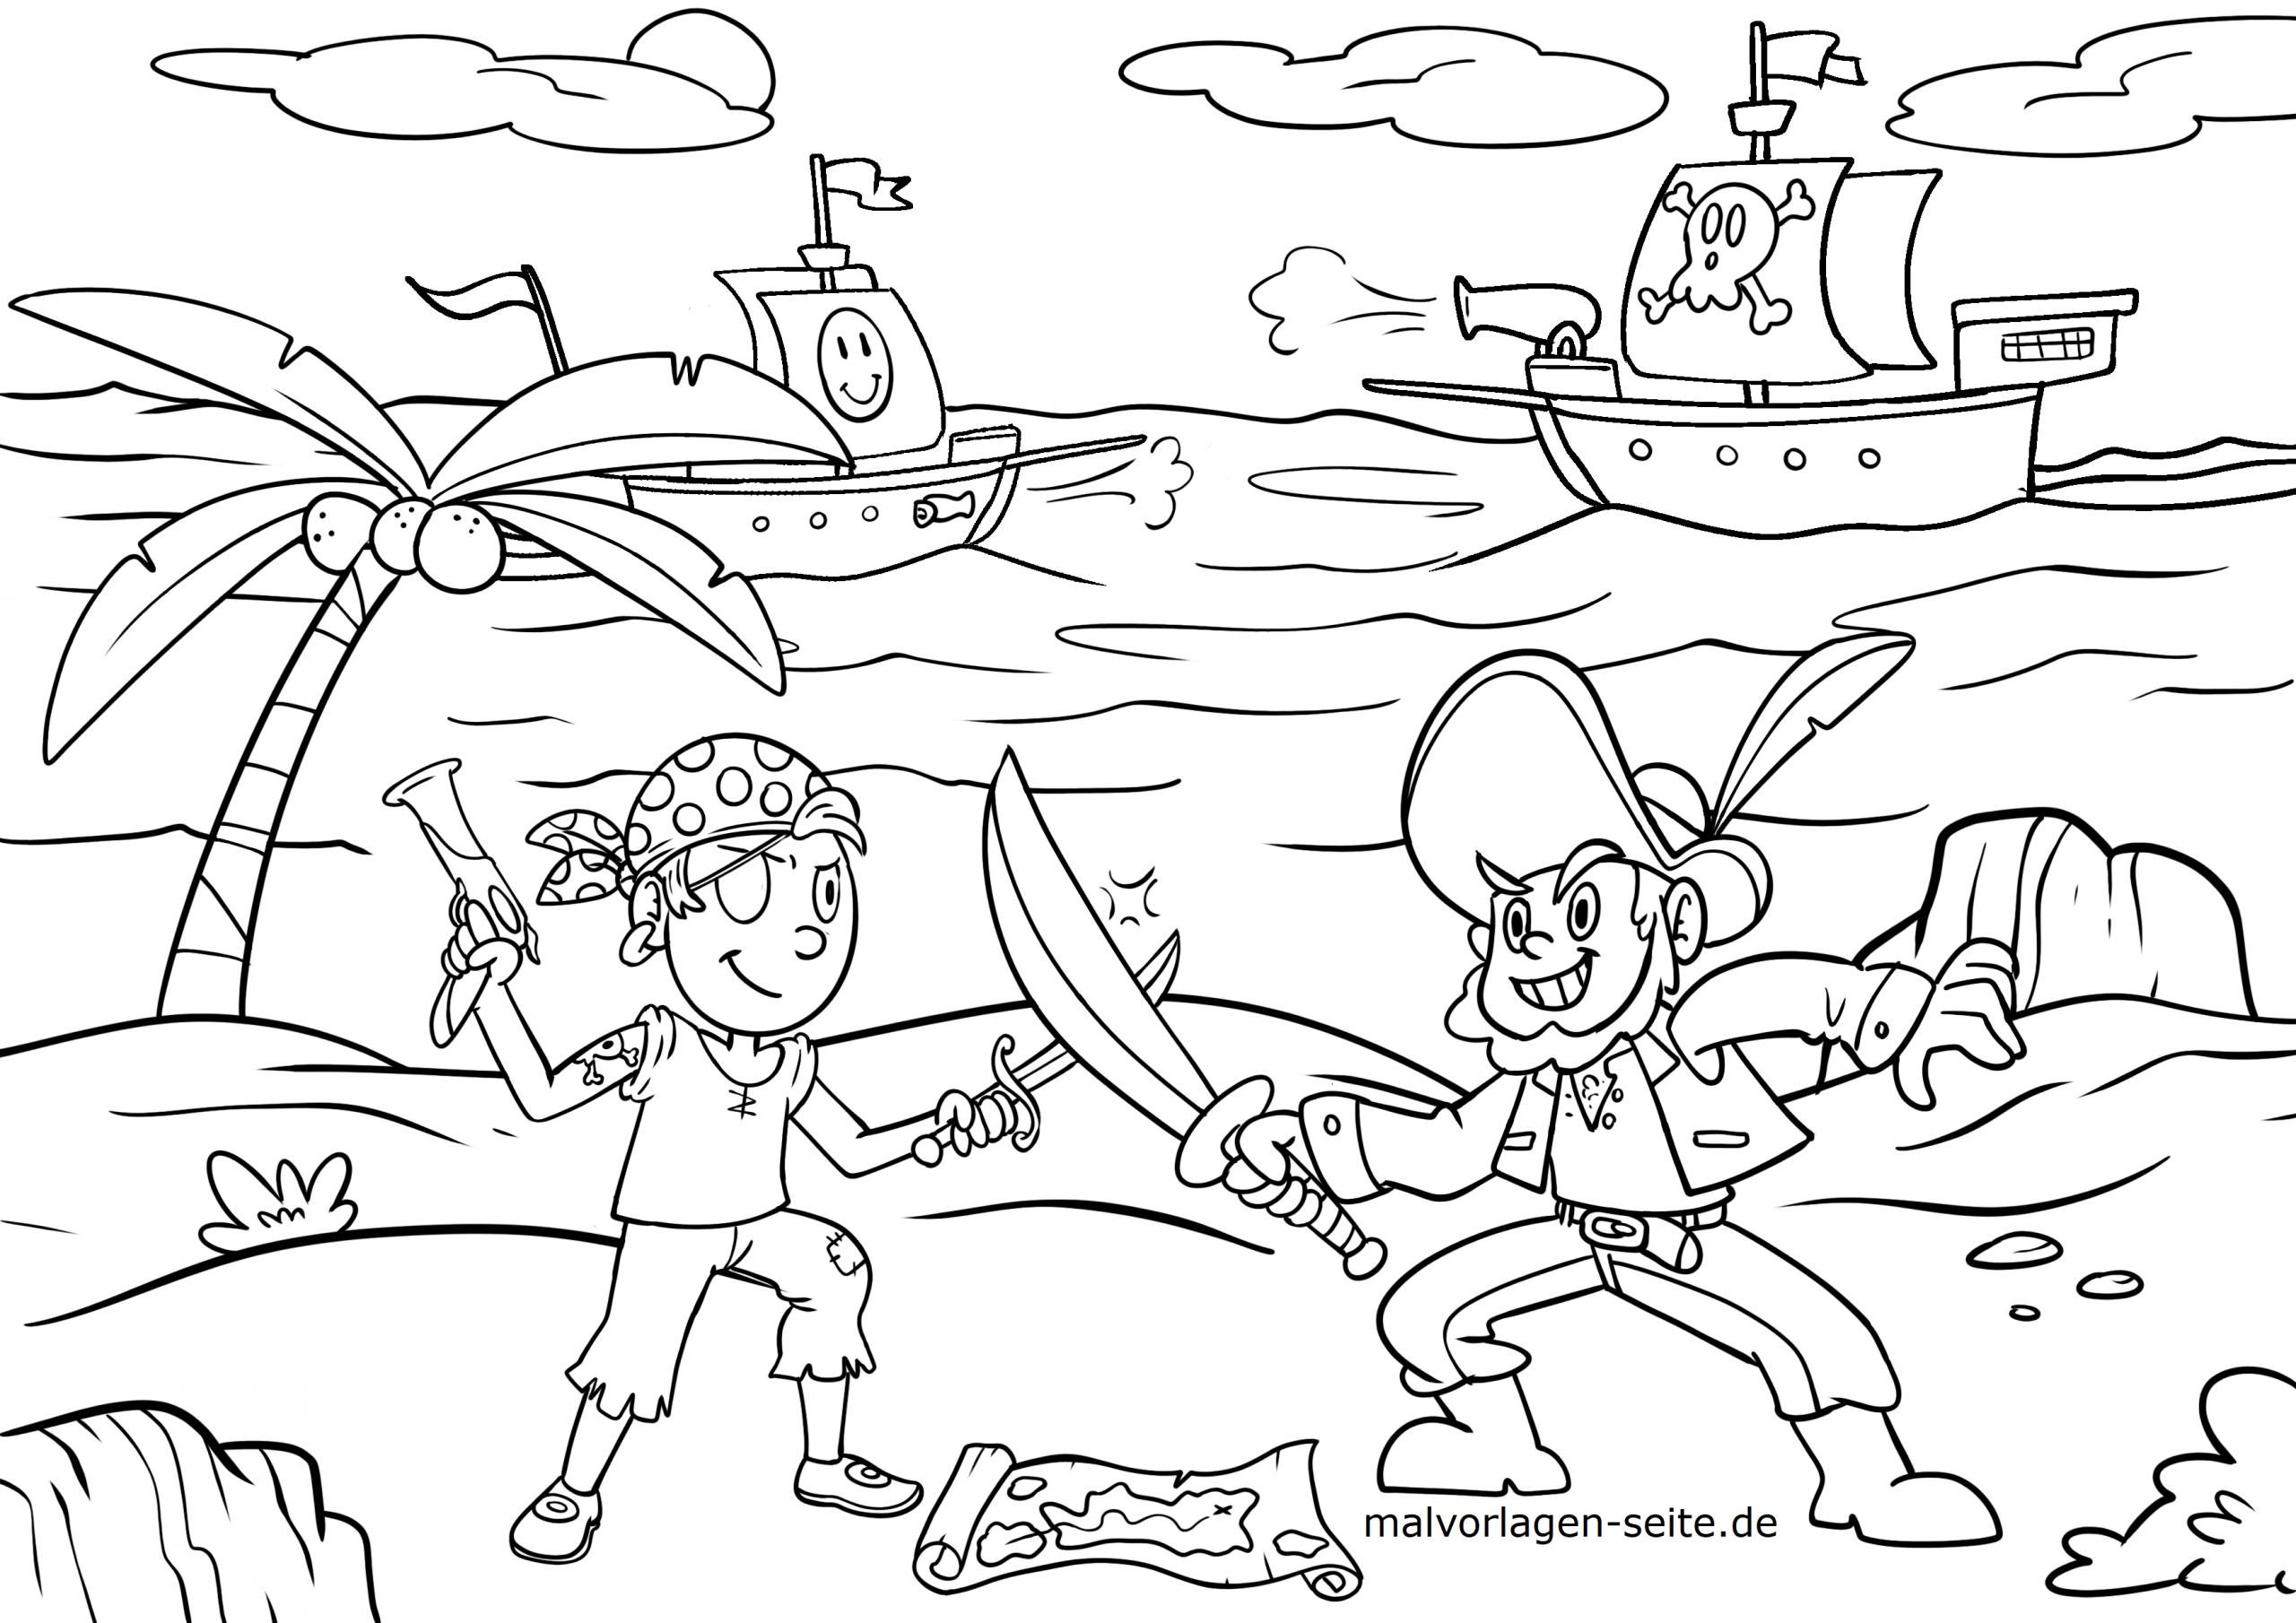 Malvorlage Piraten / Pirat - Ausmalbilder Kostenlos in Malvorlagen Piraten